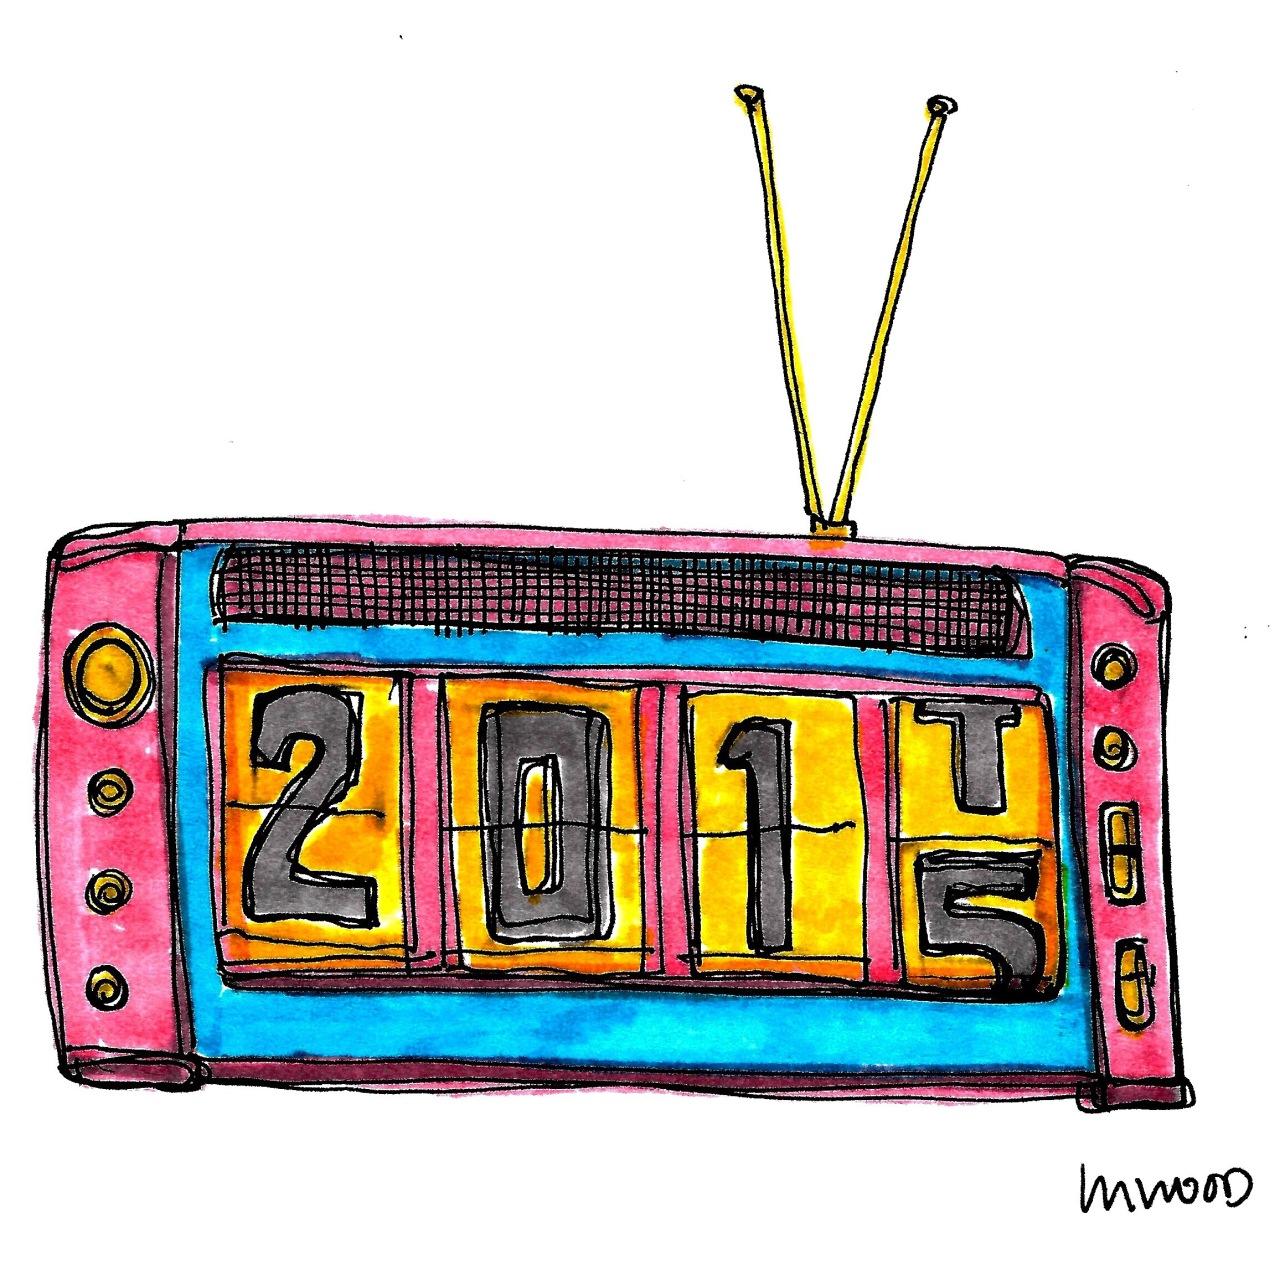 /home/wpcom/public_html/wp-content/blogs.dir/d3c/22495832/files/2015/01/img_9782.jpg